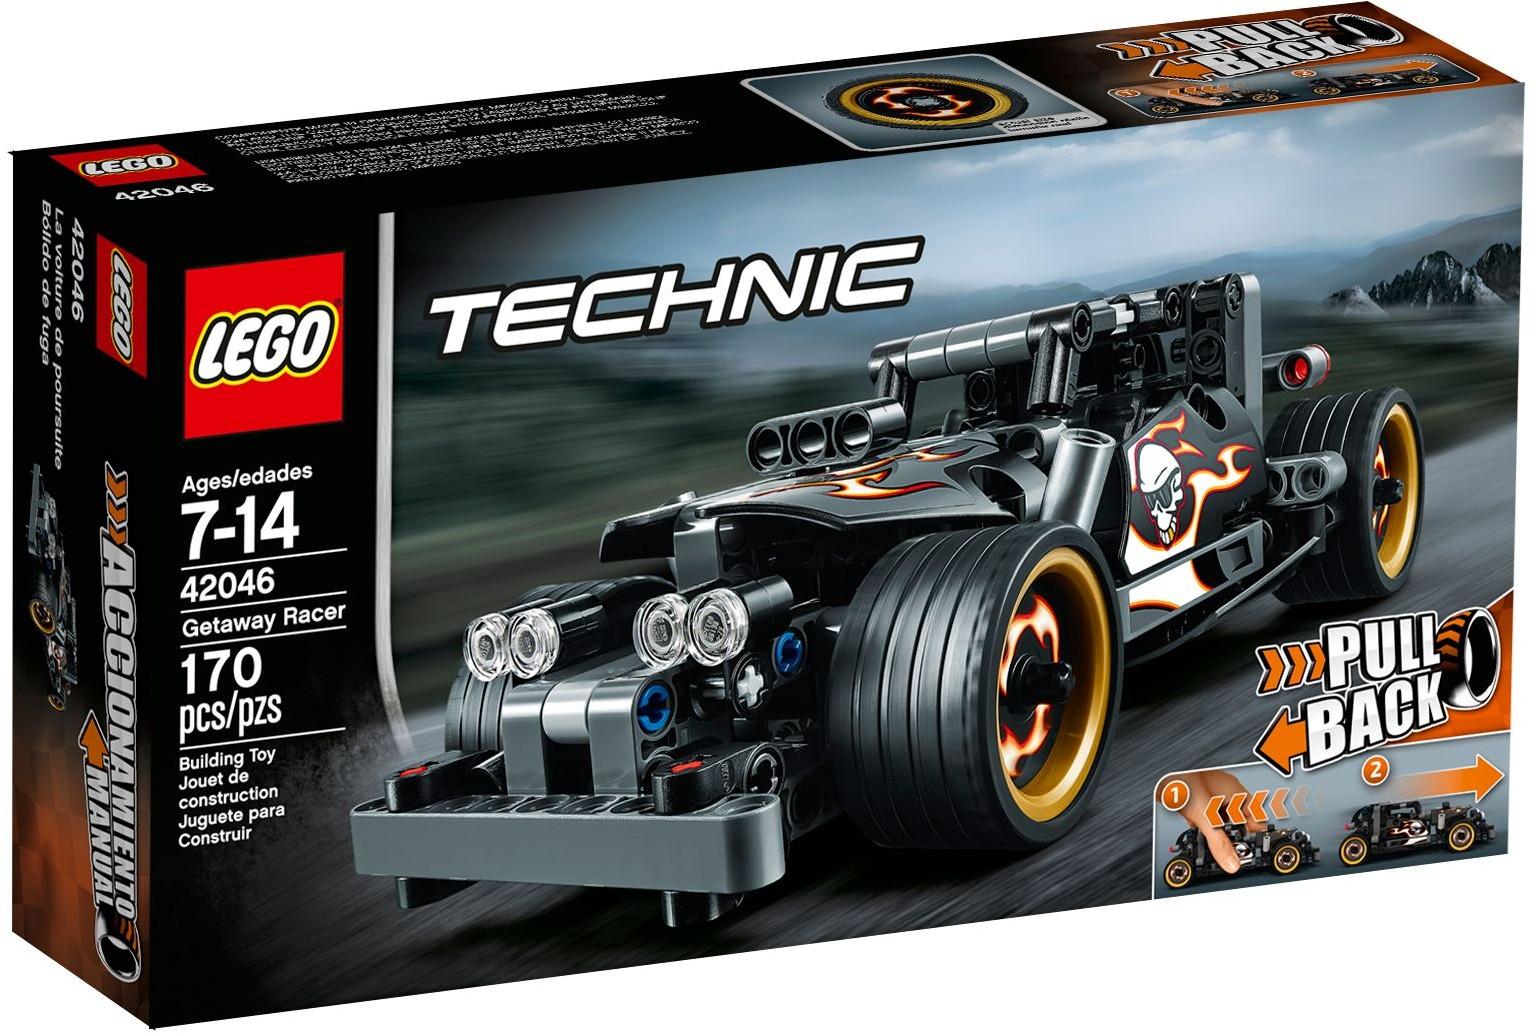 42046 LEGO Technic Getaway Racer - Xe đua  Getaway Racer